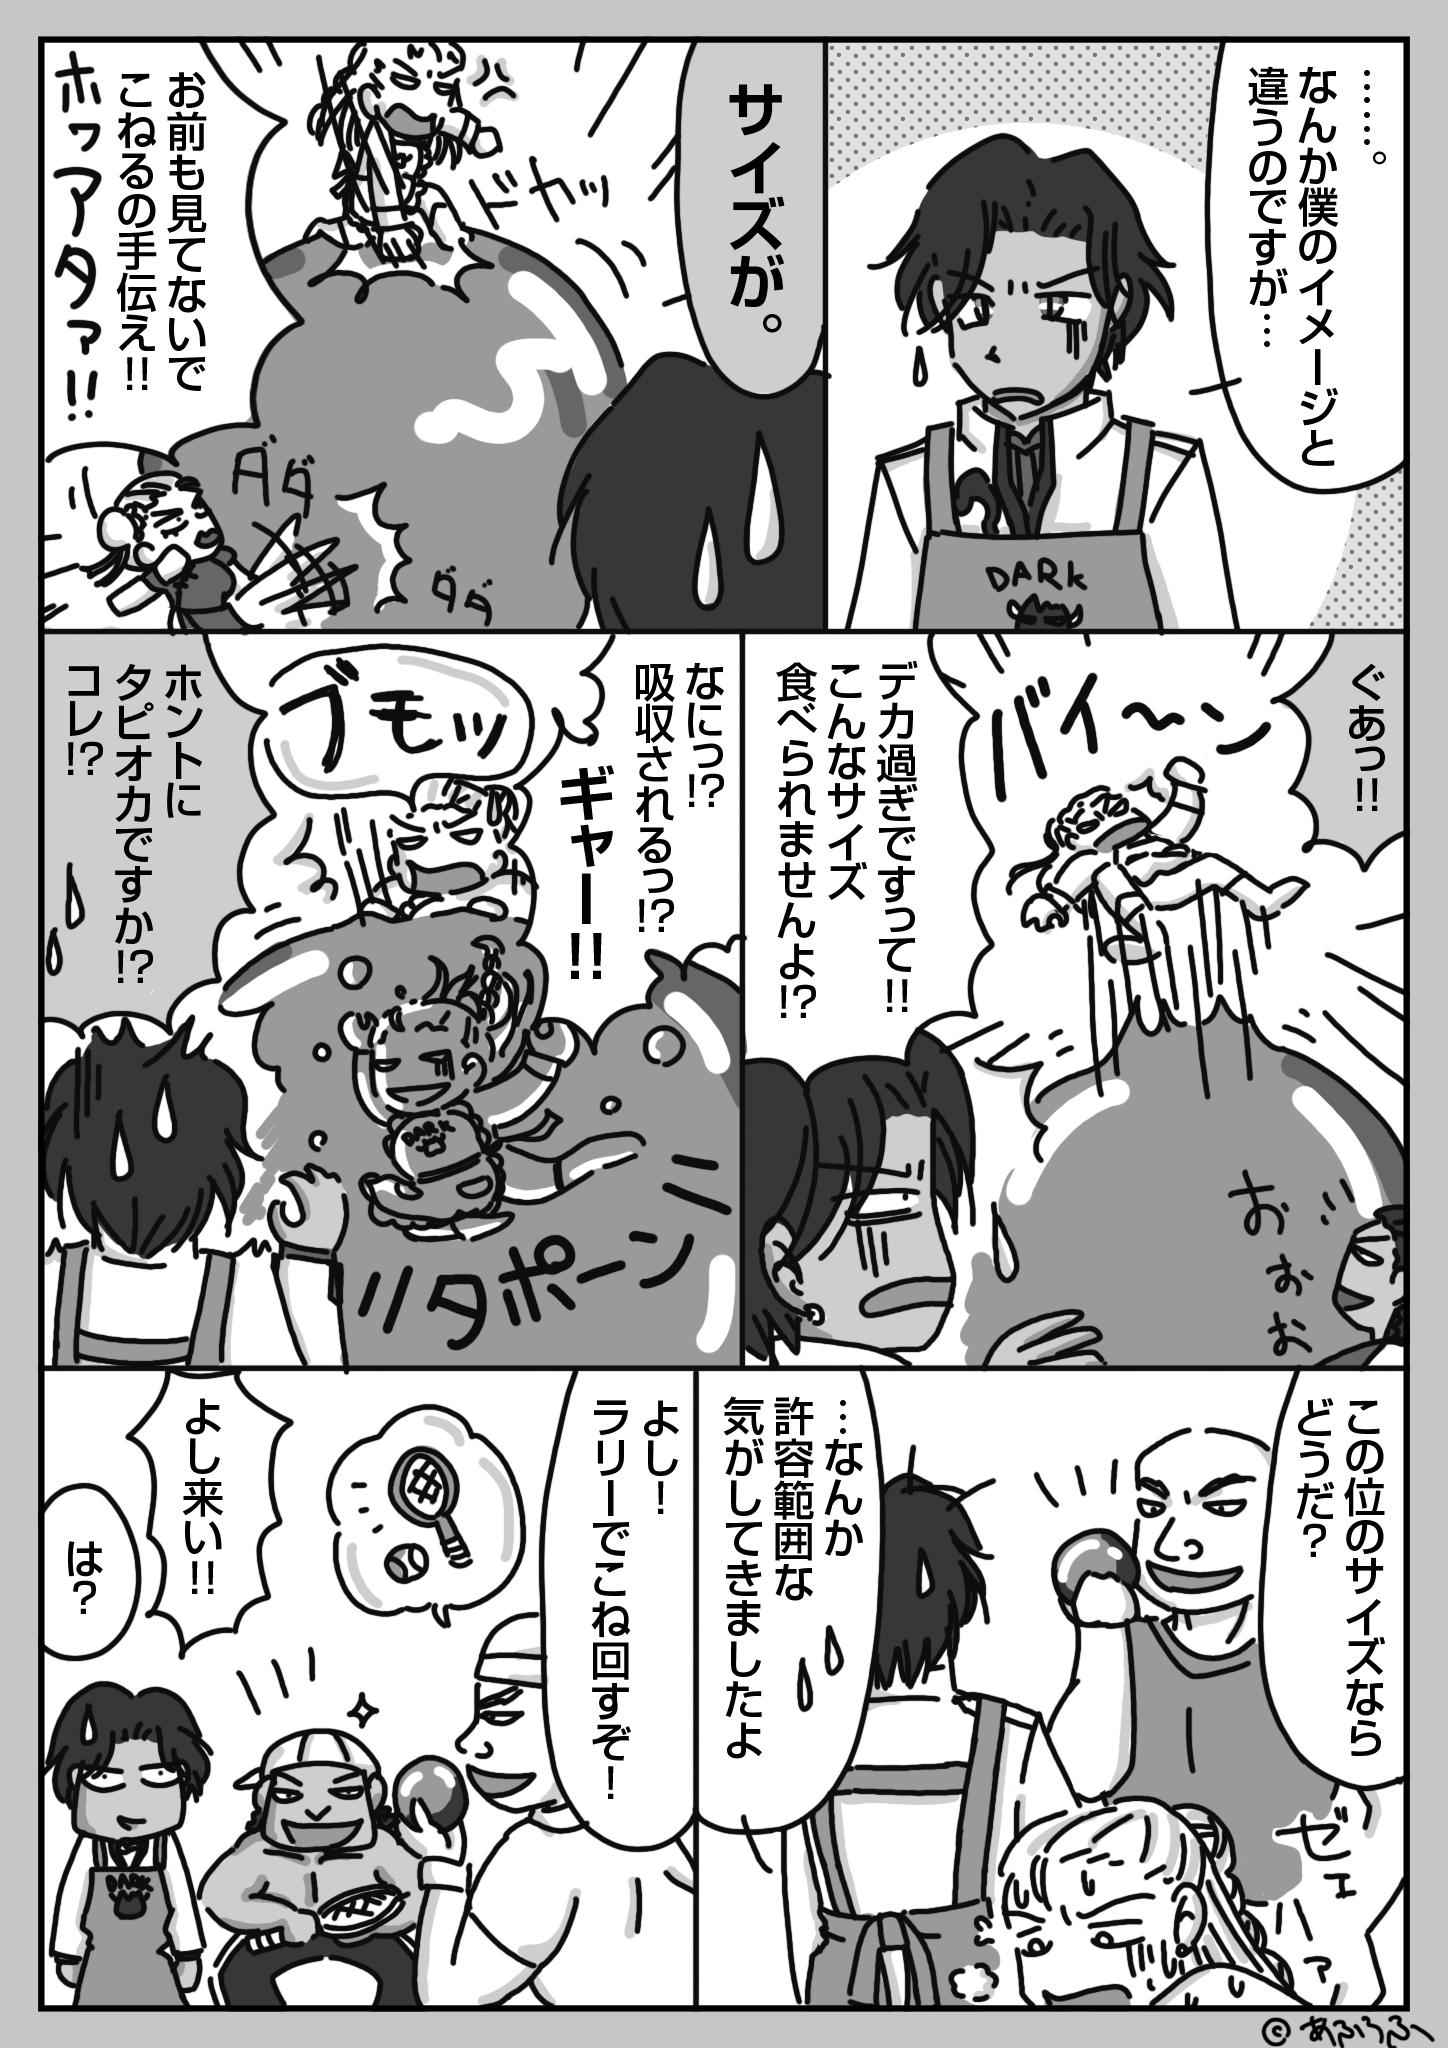 火の魔王とタピオカ入りプロテイン (7)